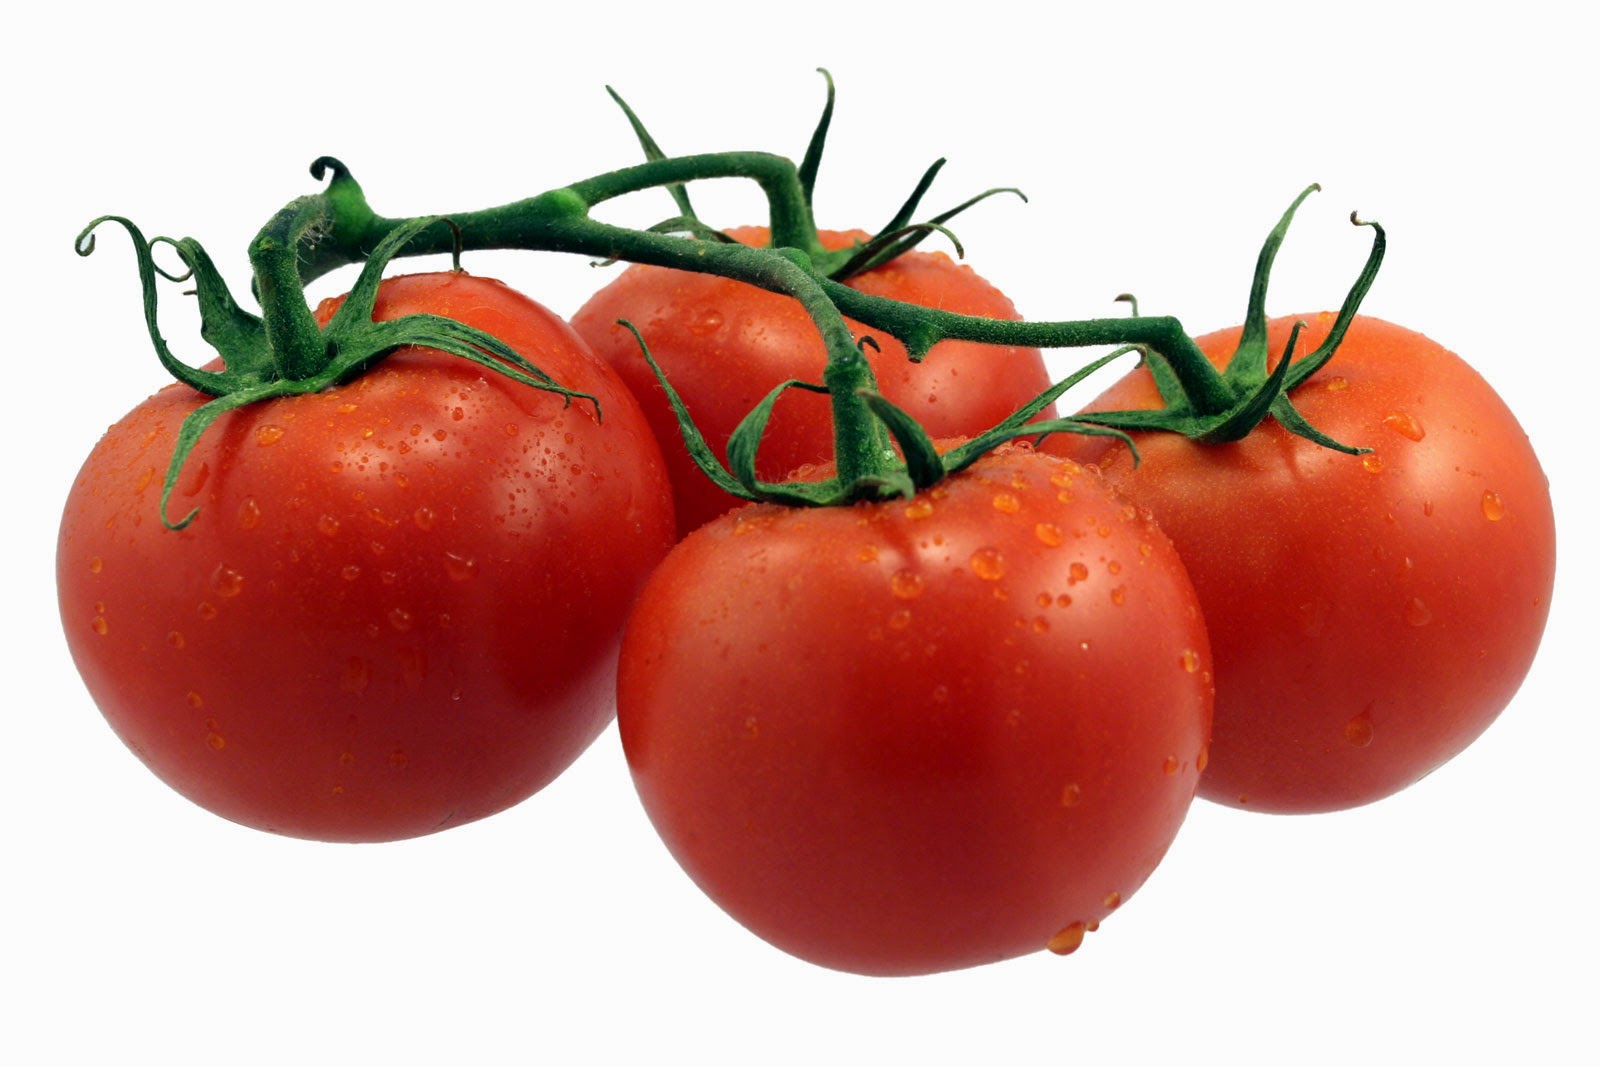 للرجال فقط: شاهد ماذا يفعل تناول الطماطم بانتظام في جسمك